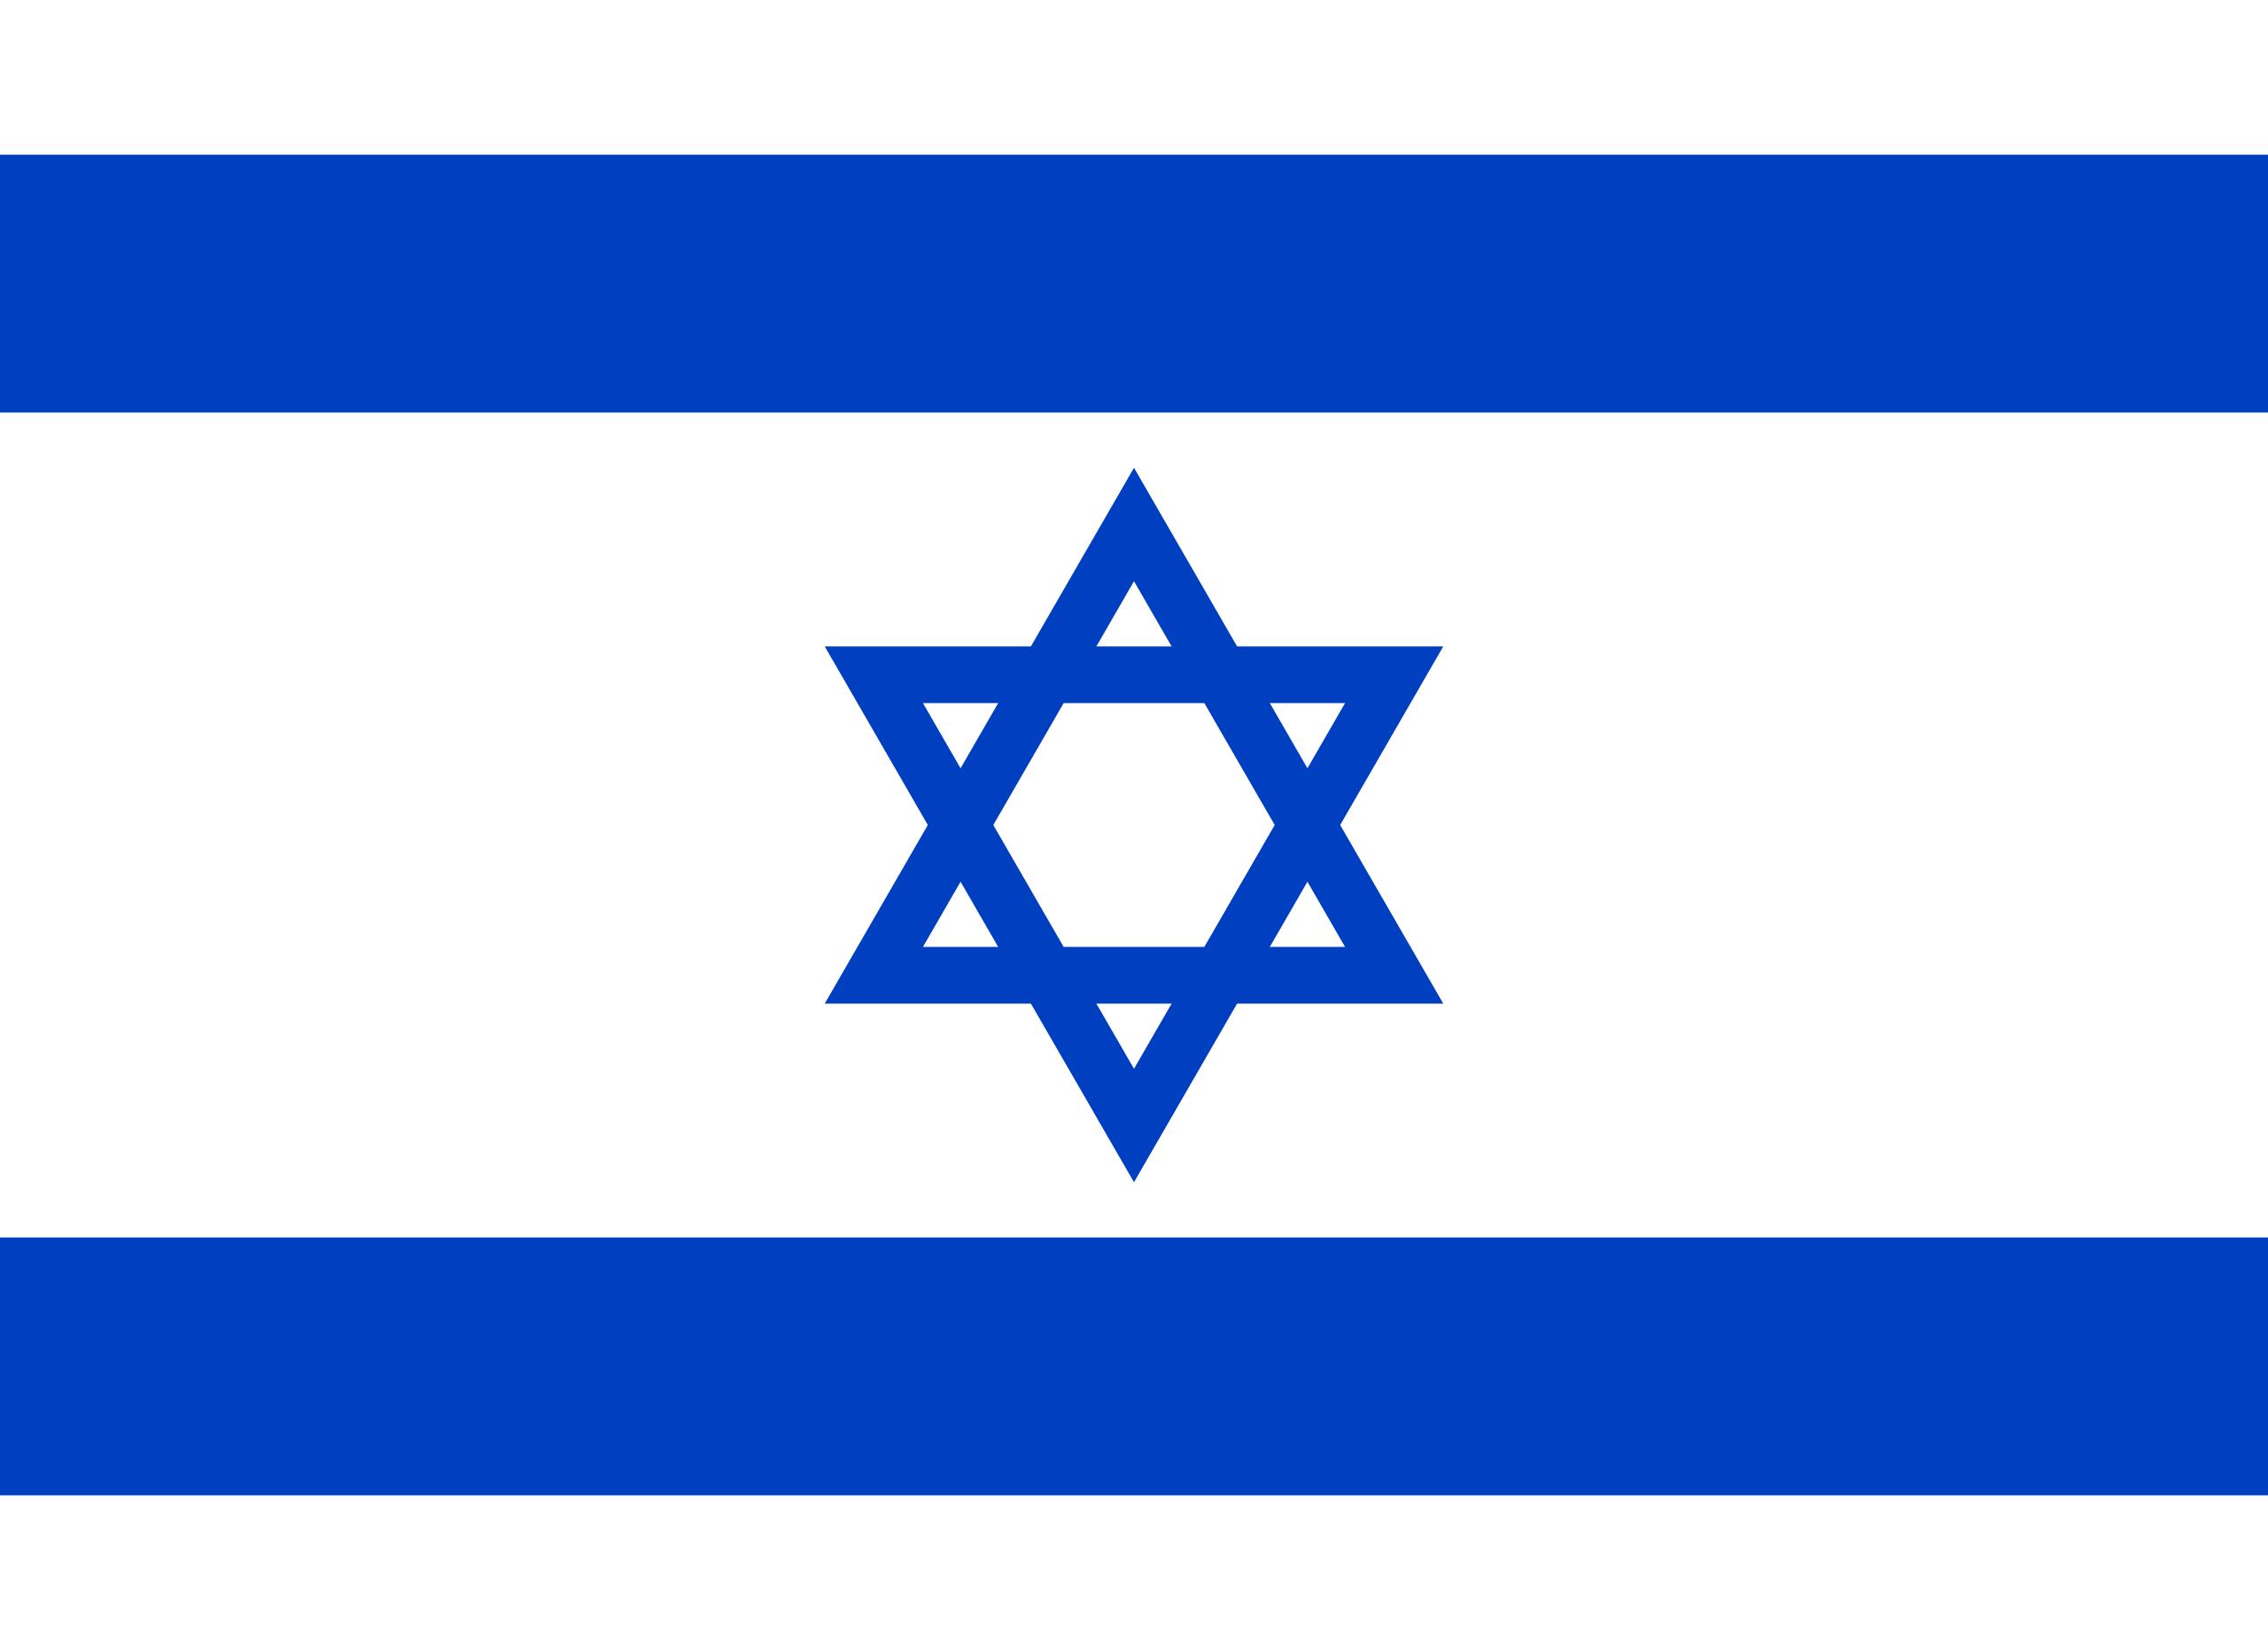 Израиль, страна, Эмблема, логотип, символ - Обои HD - Профессор falken.com